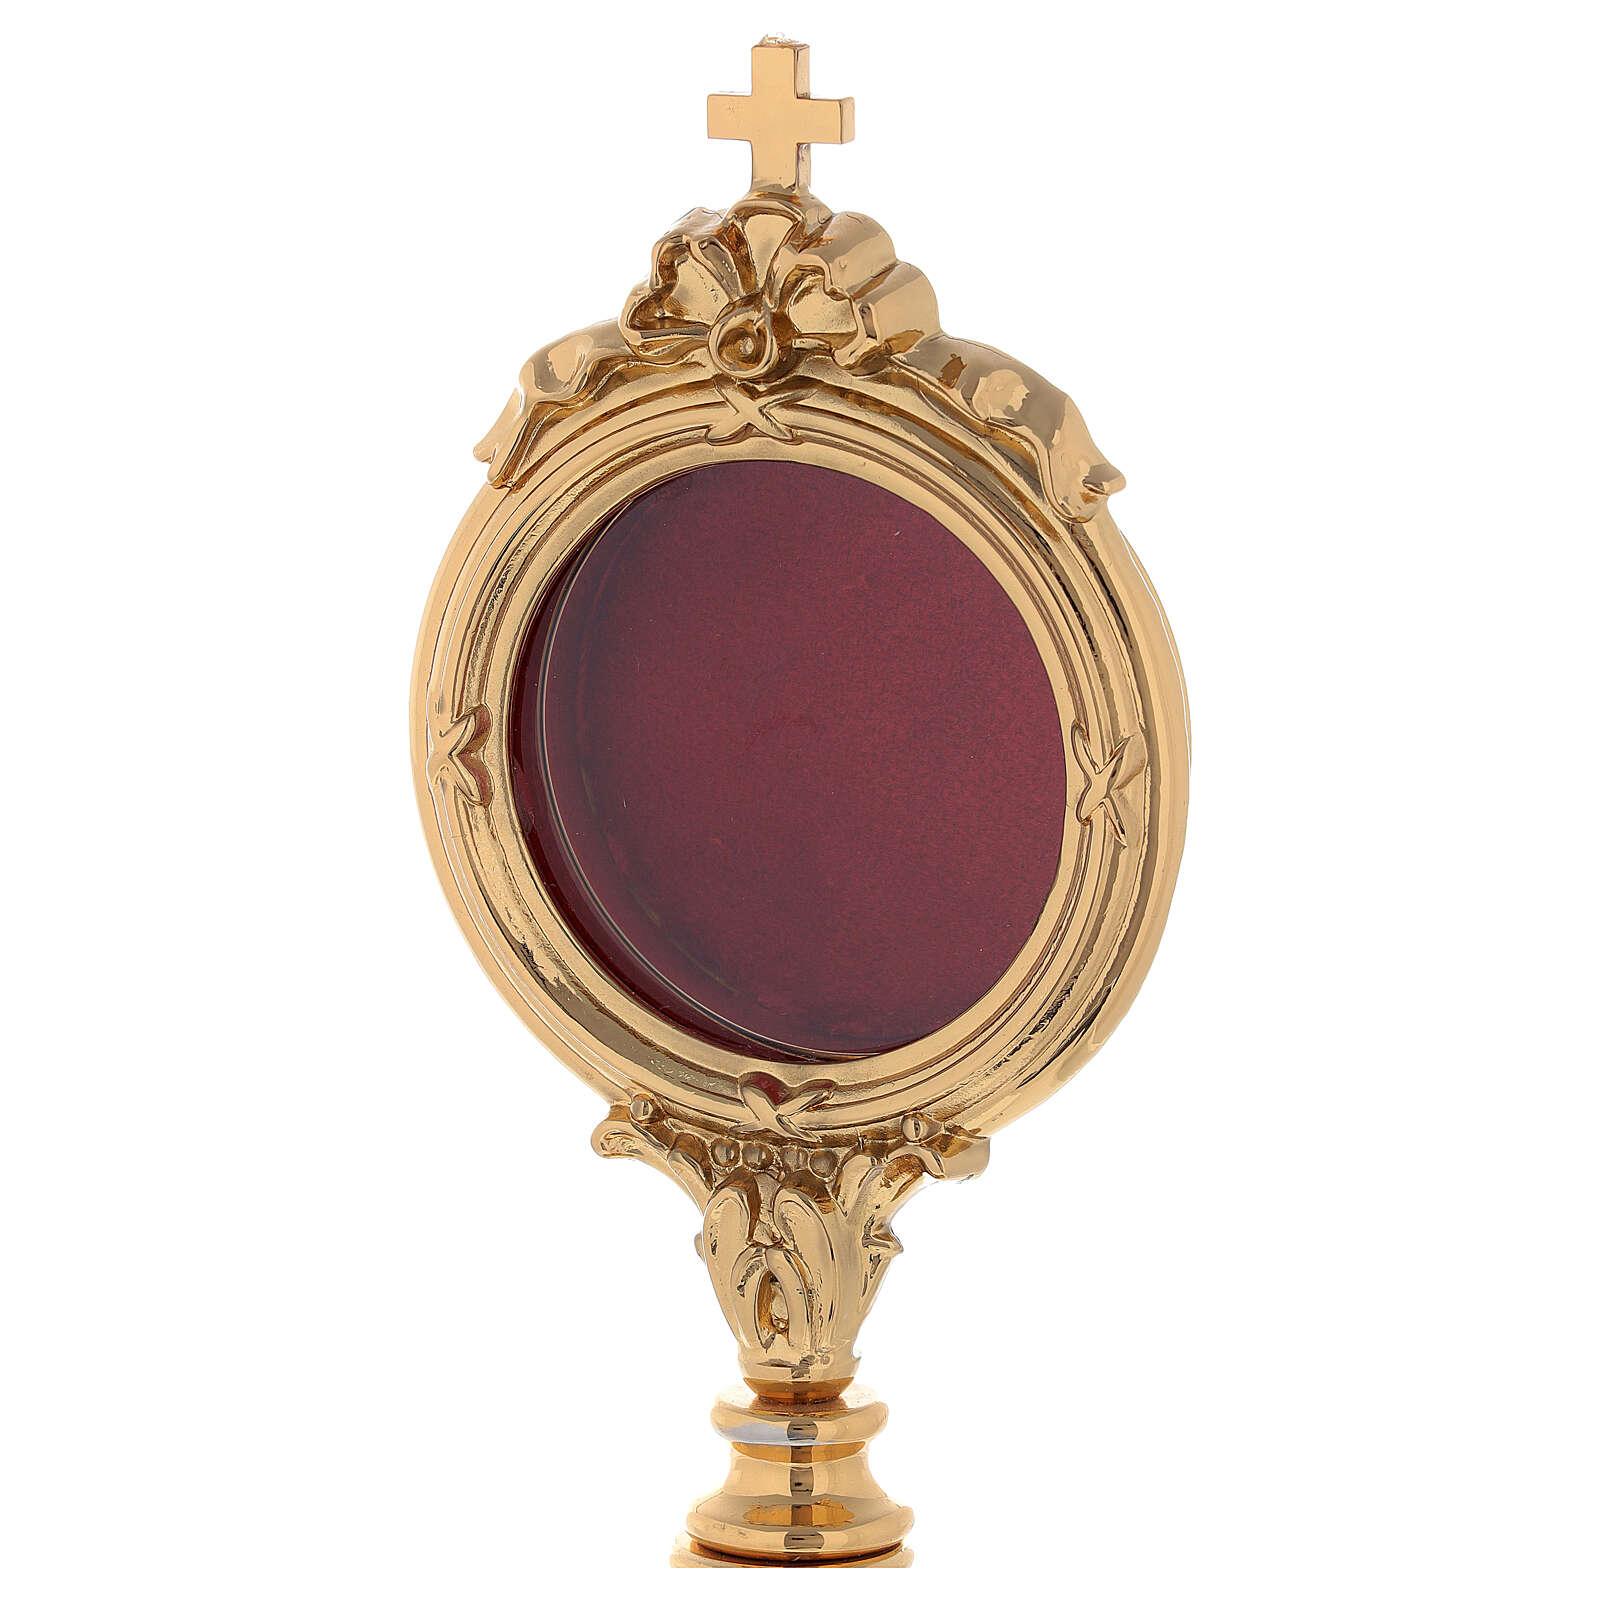 Reliquiario ottone dorato h 30 cm 4